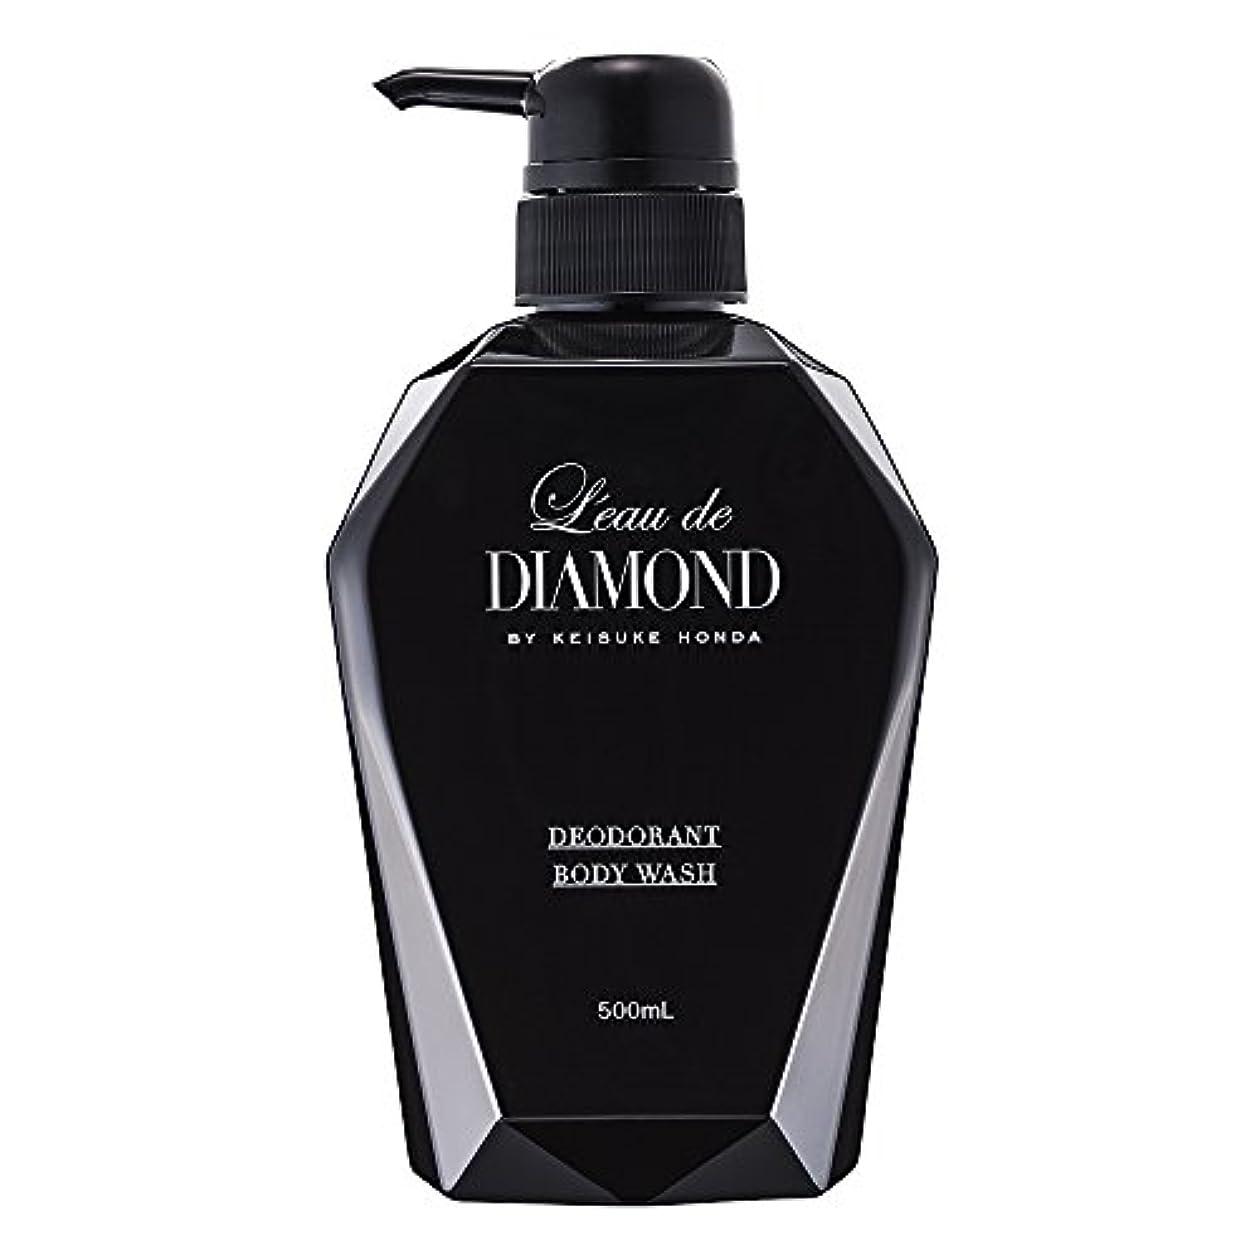 アルプスダイヤモンド罹患率ロードダイアモンド 薬用デオドラントボディウォッシュ 500ml